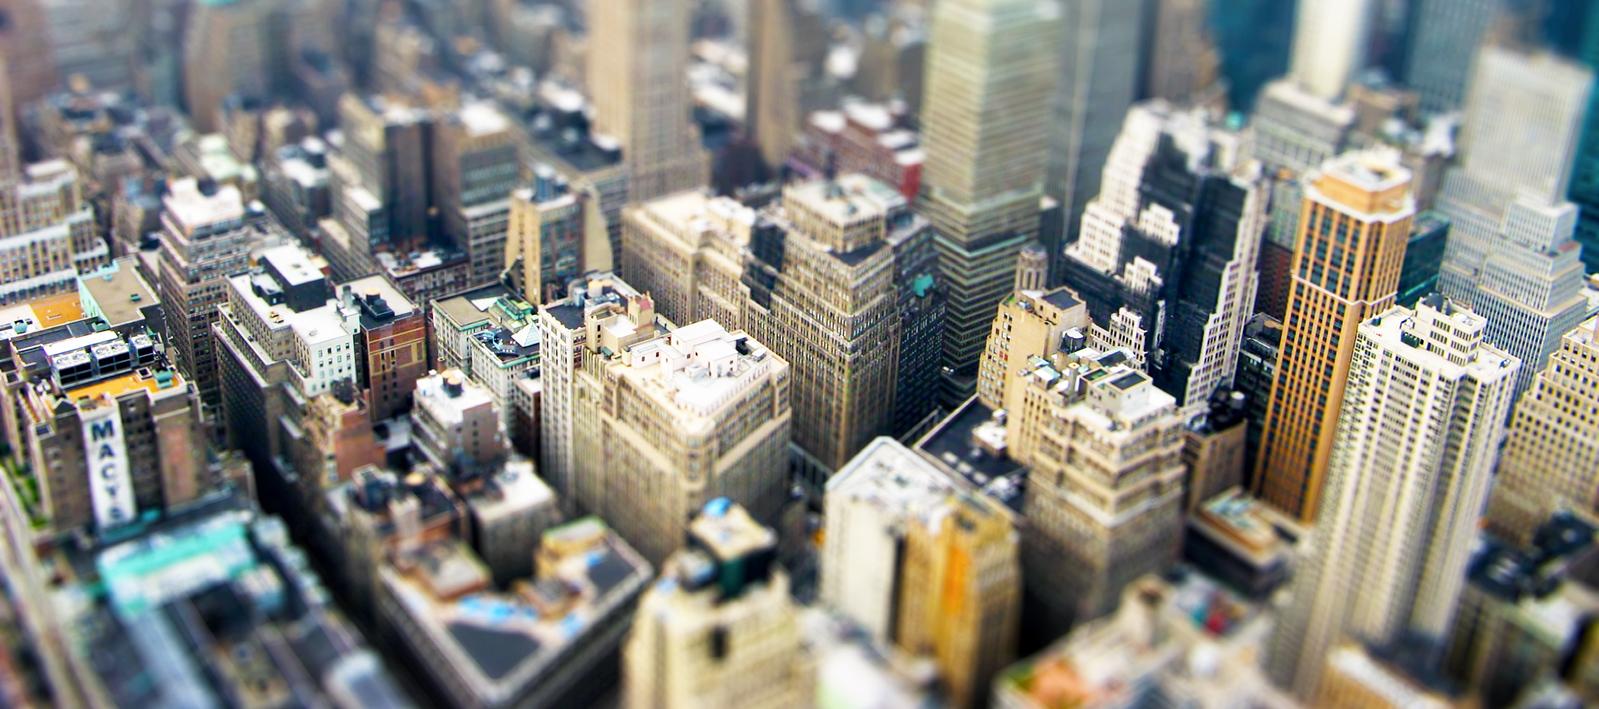 Tiltshift NYC